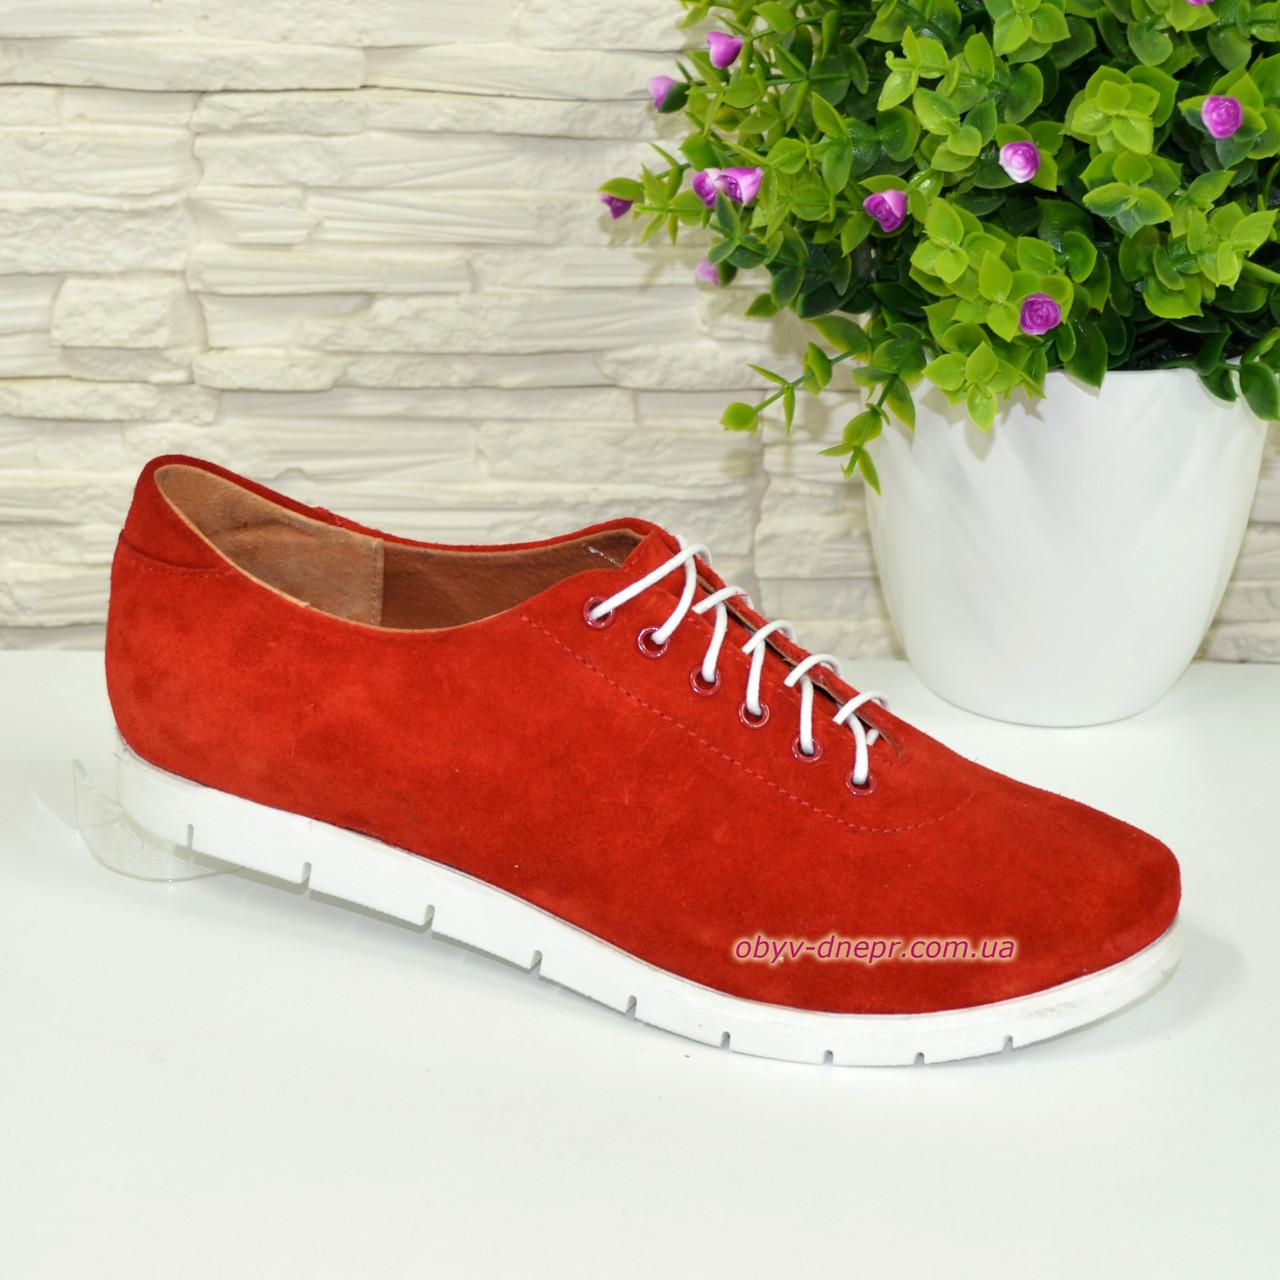 Женские туфли на утолщенной белой подошве, на шнуровке, натуральная красная замша